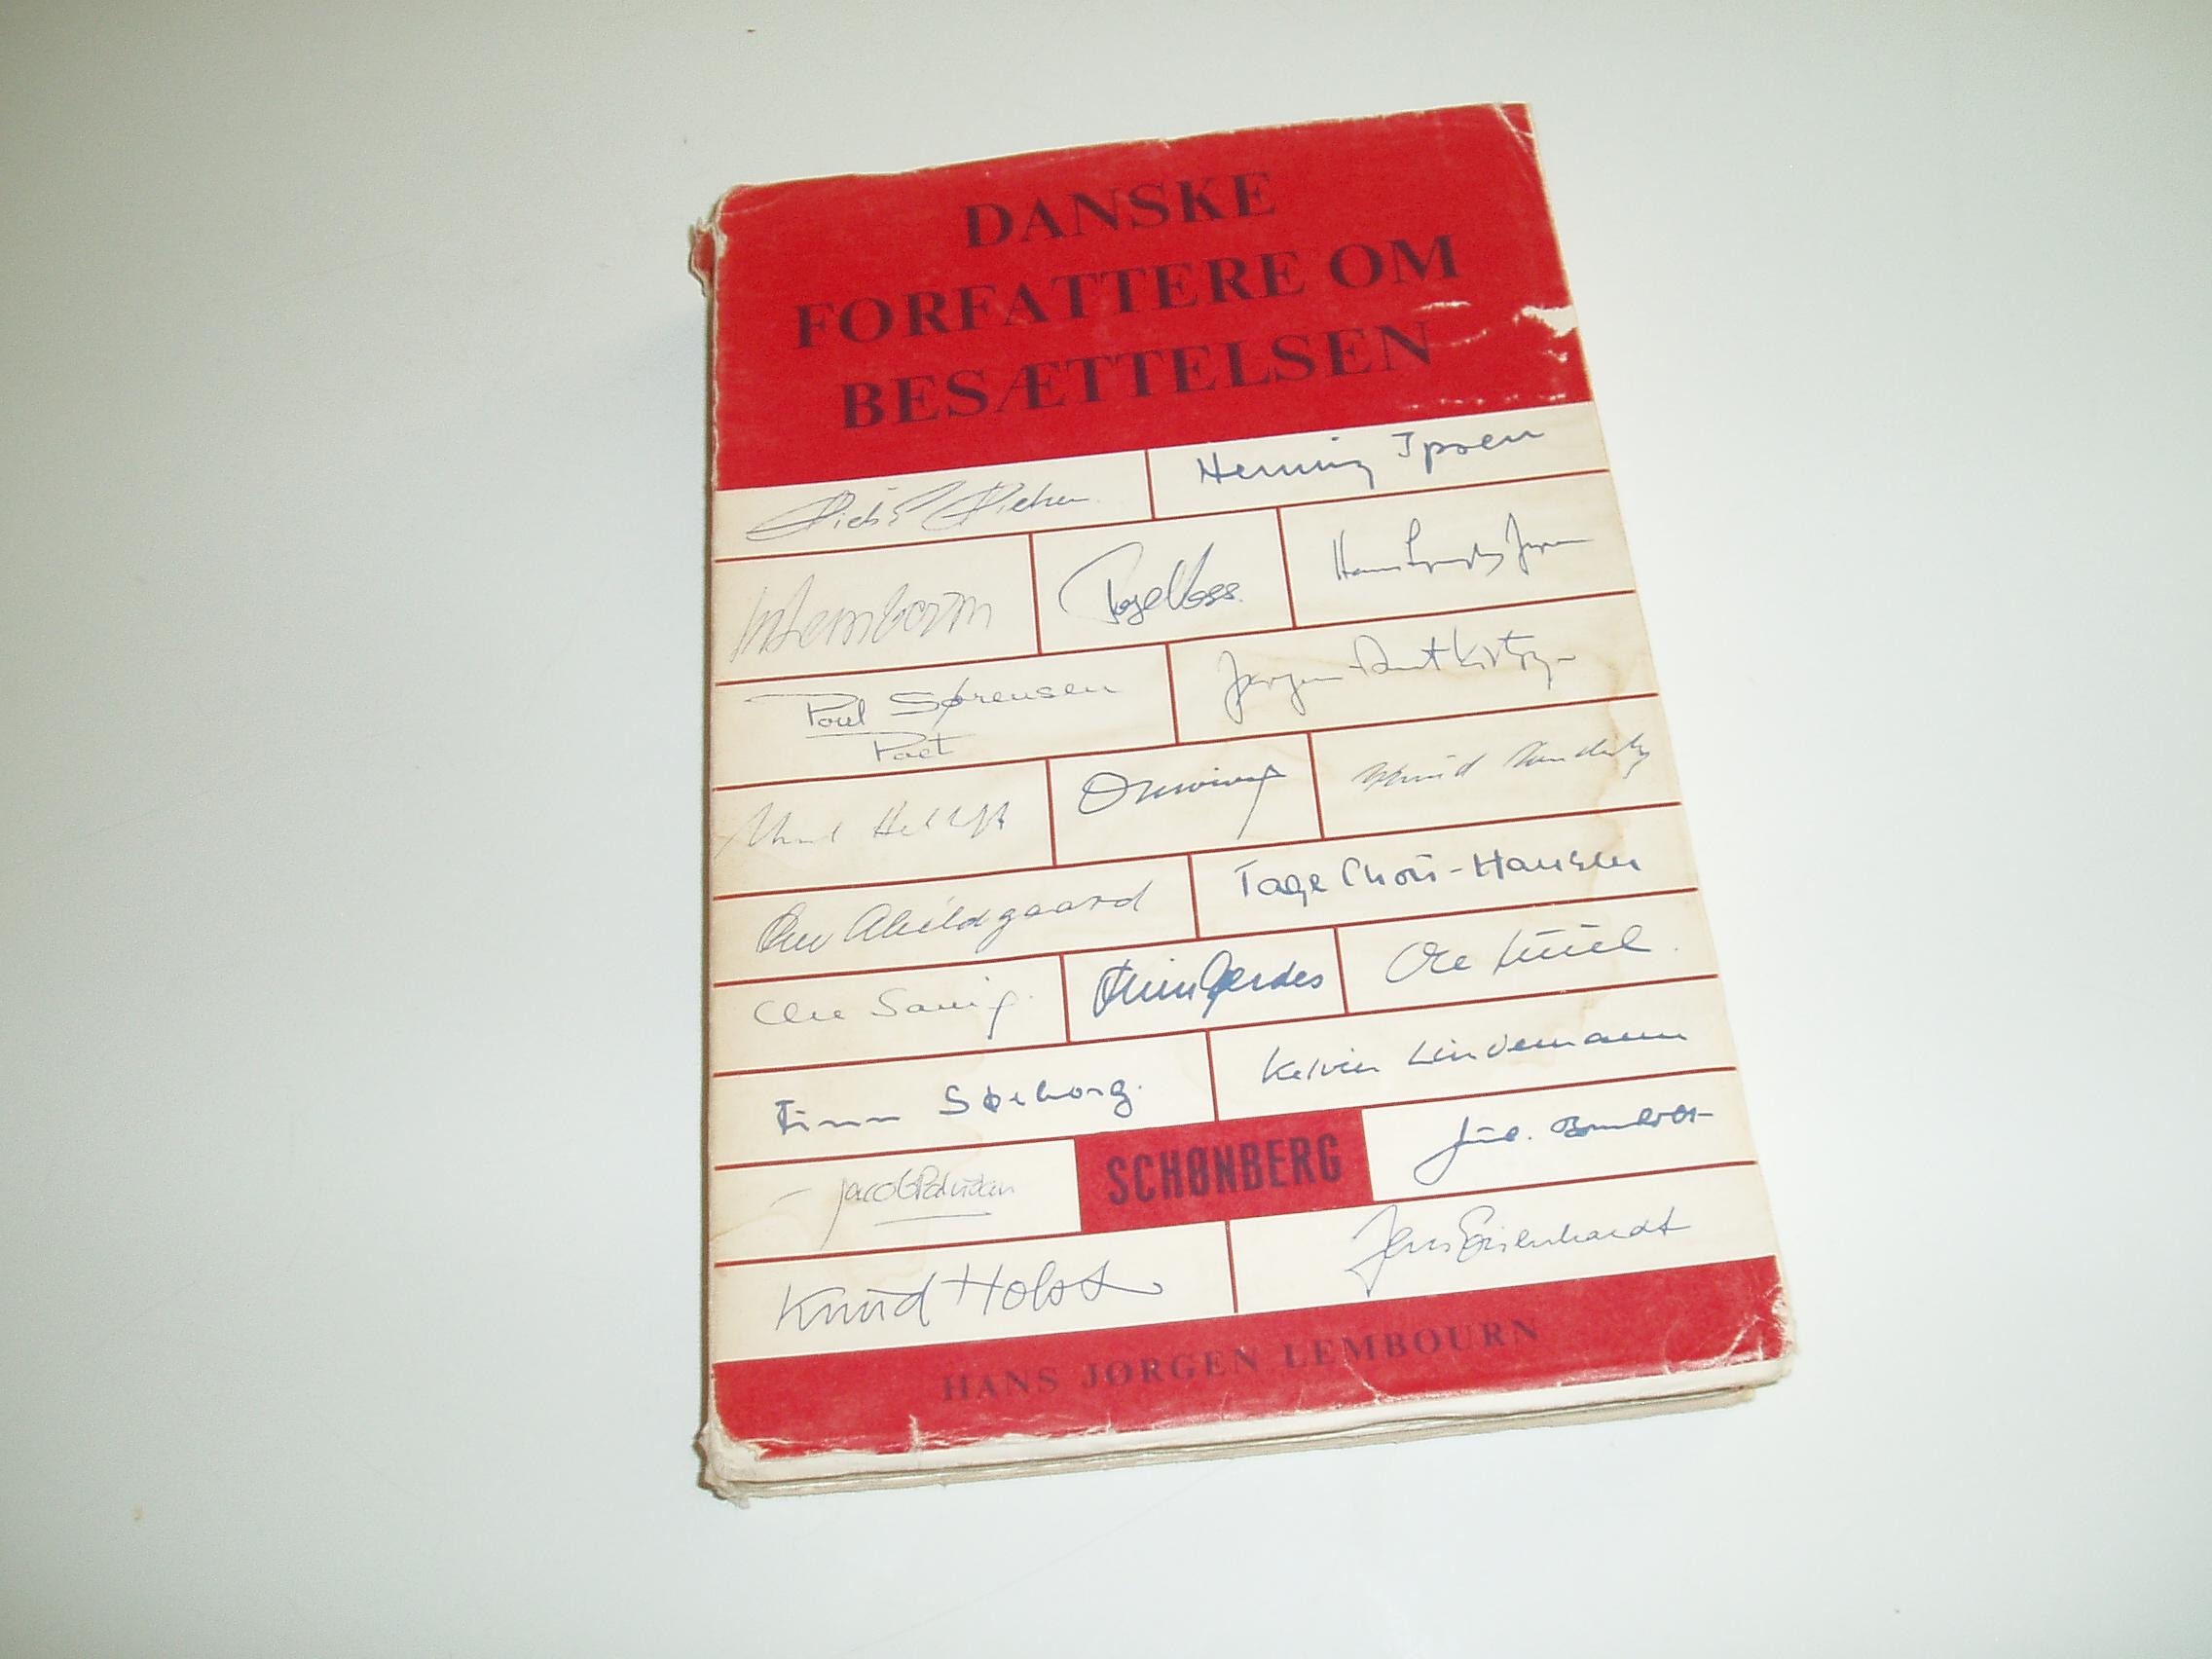 Danske forfattere om besættelsen